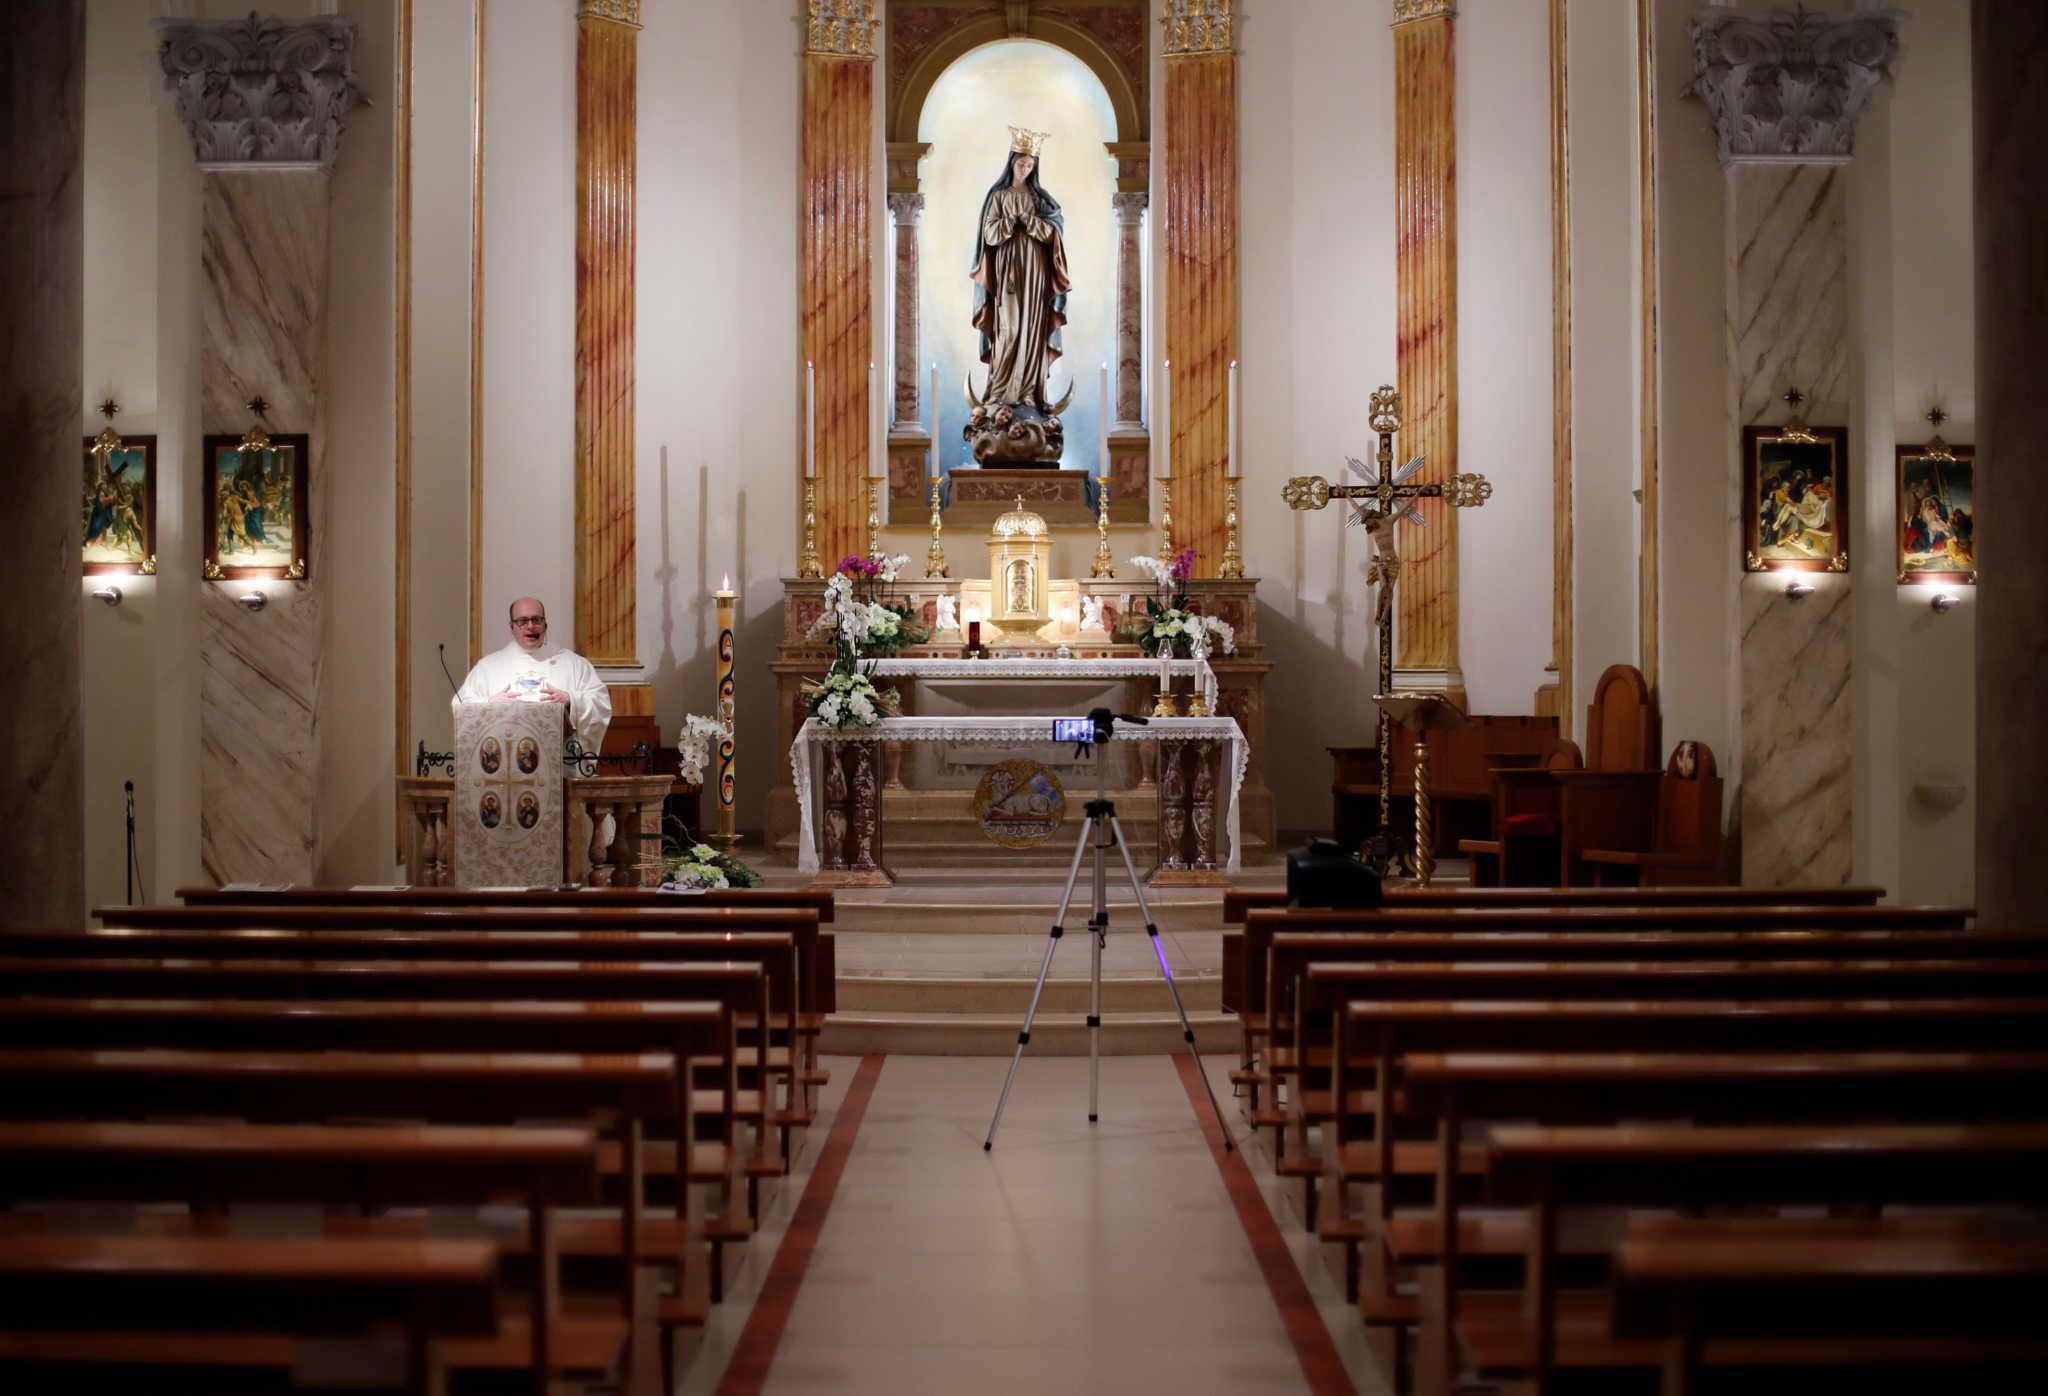 Γαλλία: 3.200 περιπτώσεις παιδεραστίας στους κόλπους της Καθολικής Εκκλησίας